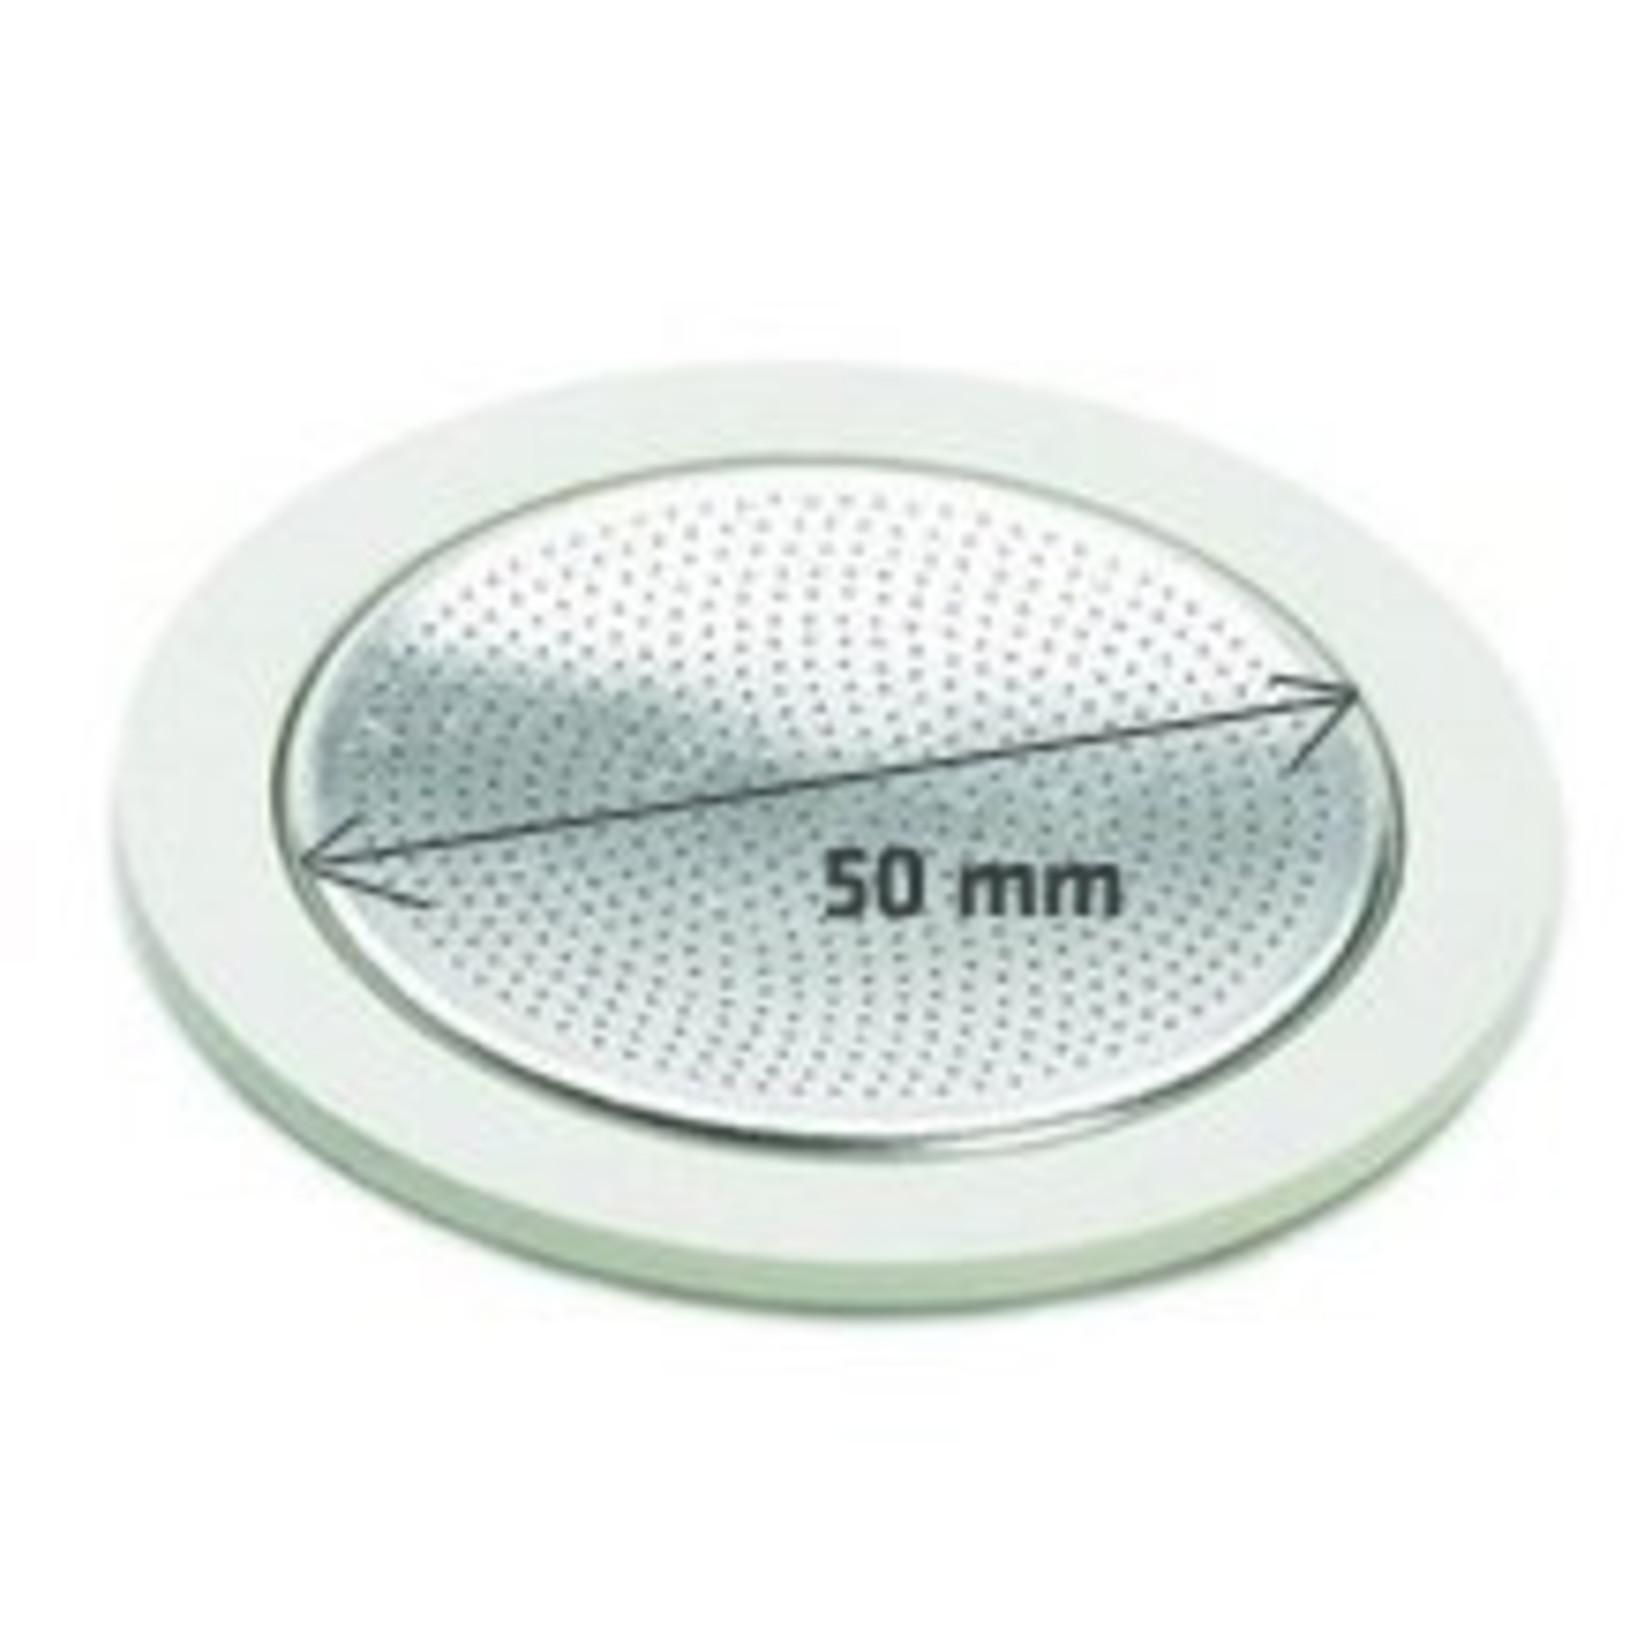 Bialetti Bialetti filterplaatje met rubberen ringen 4 kops RVS